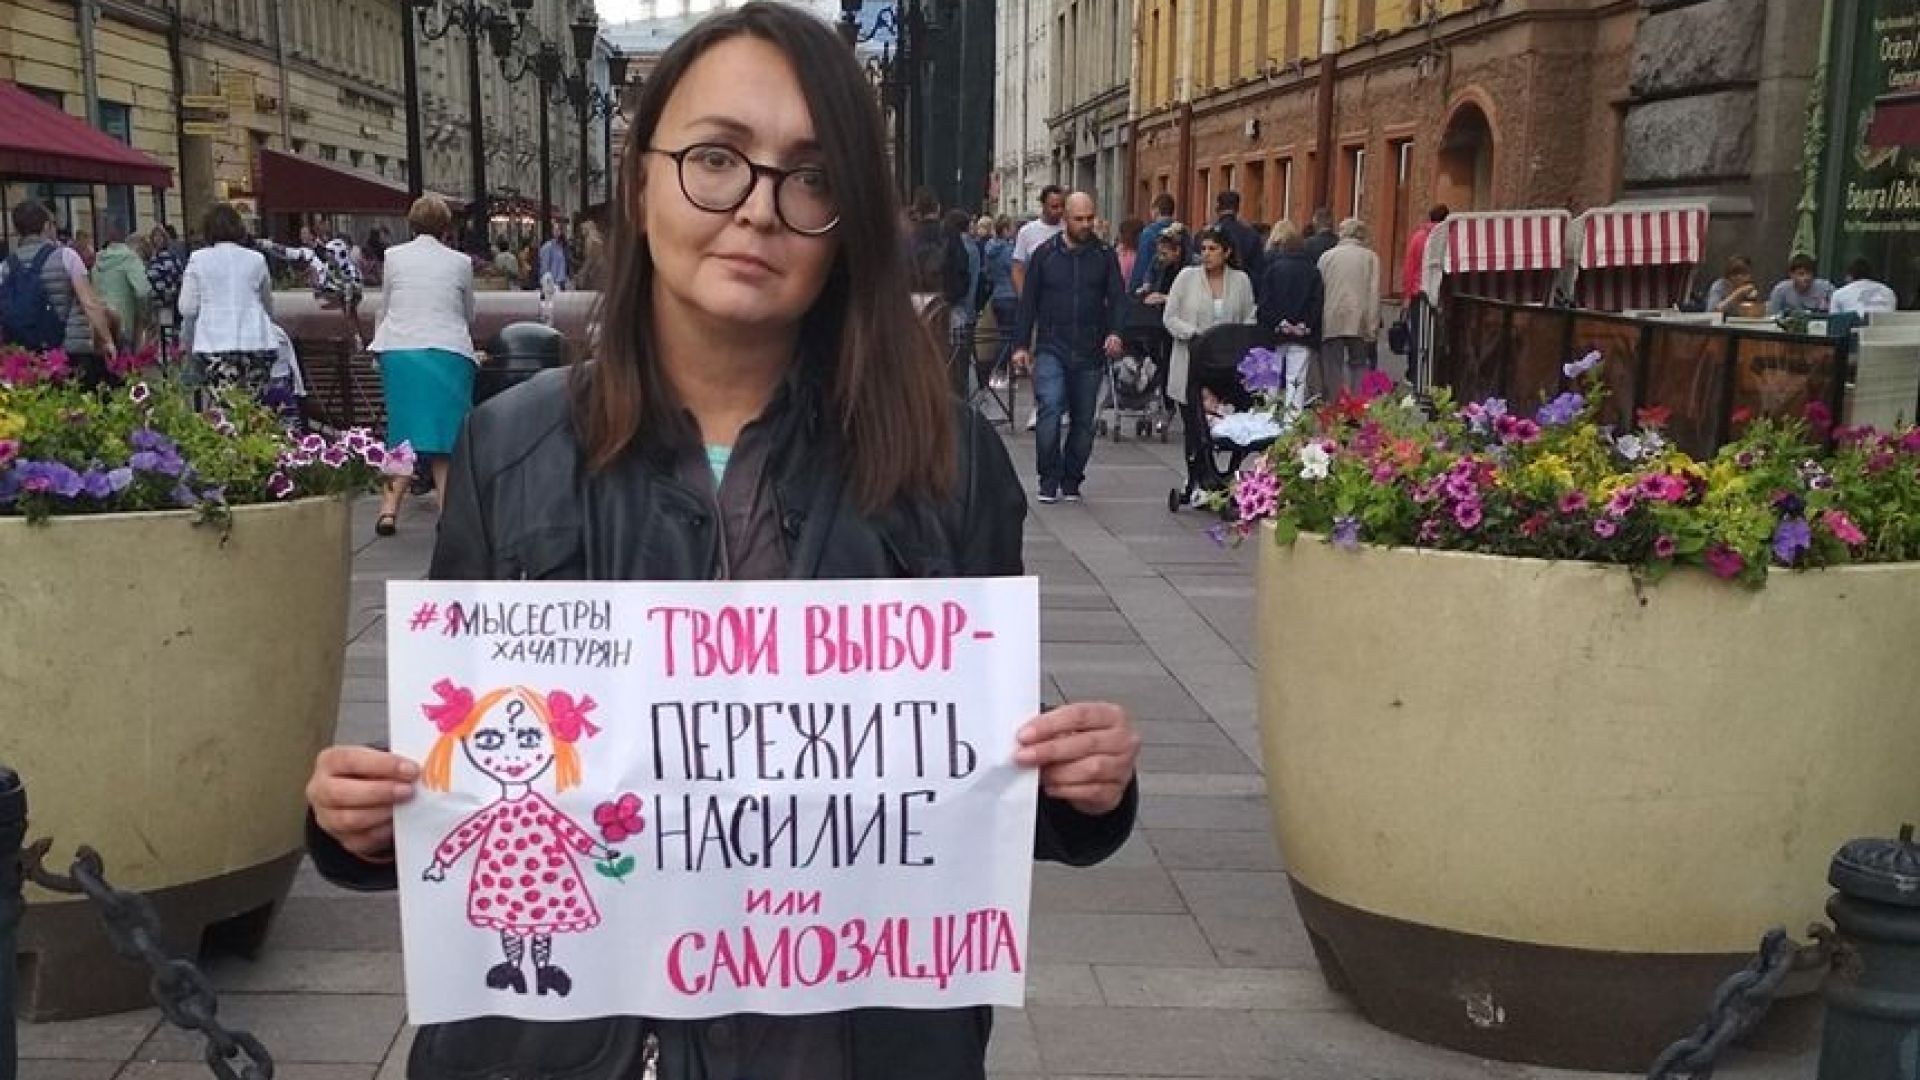 Една от най-известните антивоенни и ЛГБТ активистки в Русия Елена